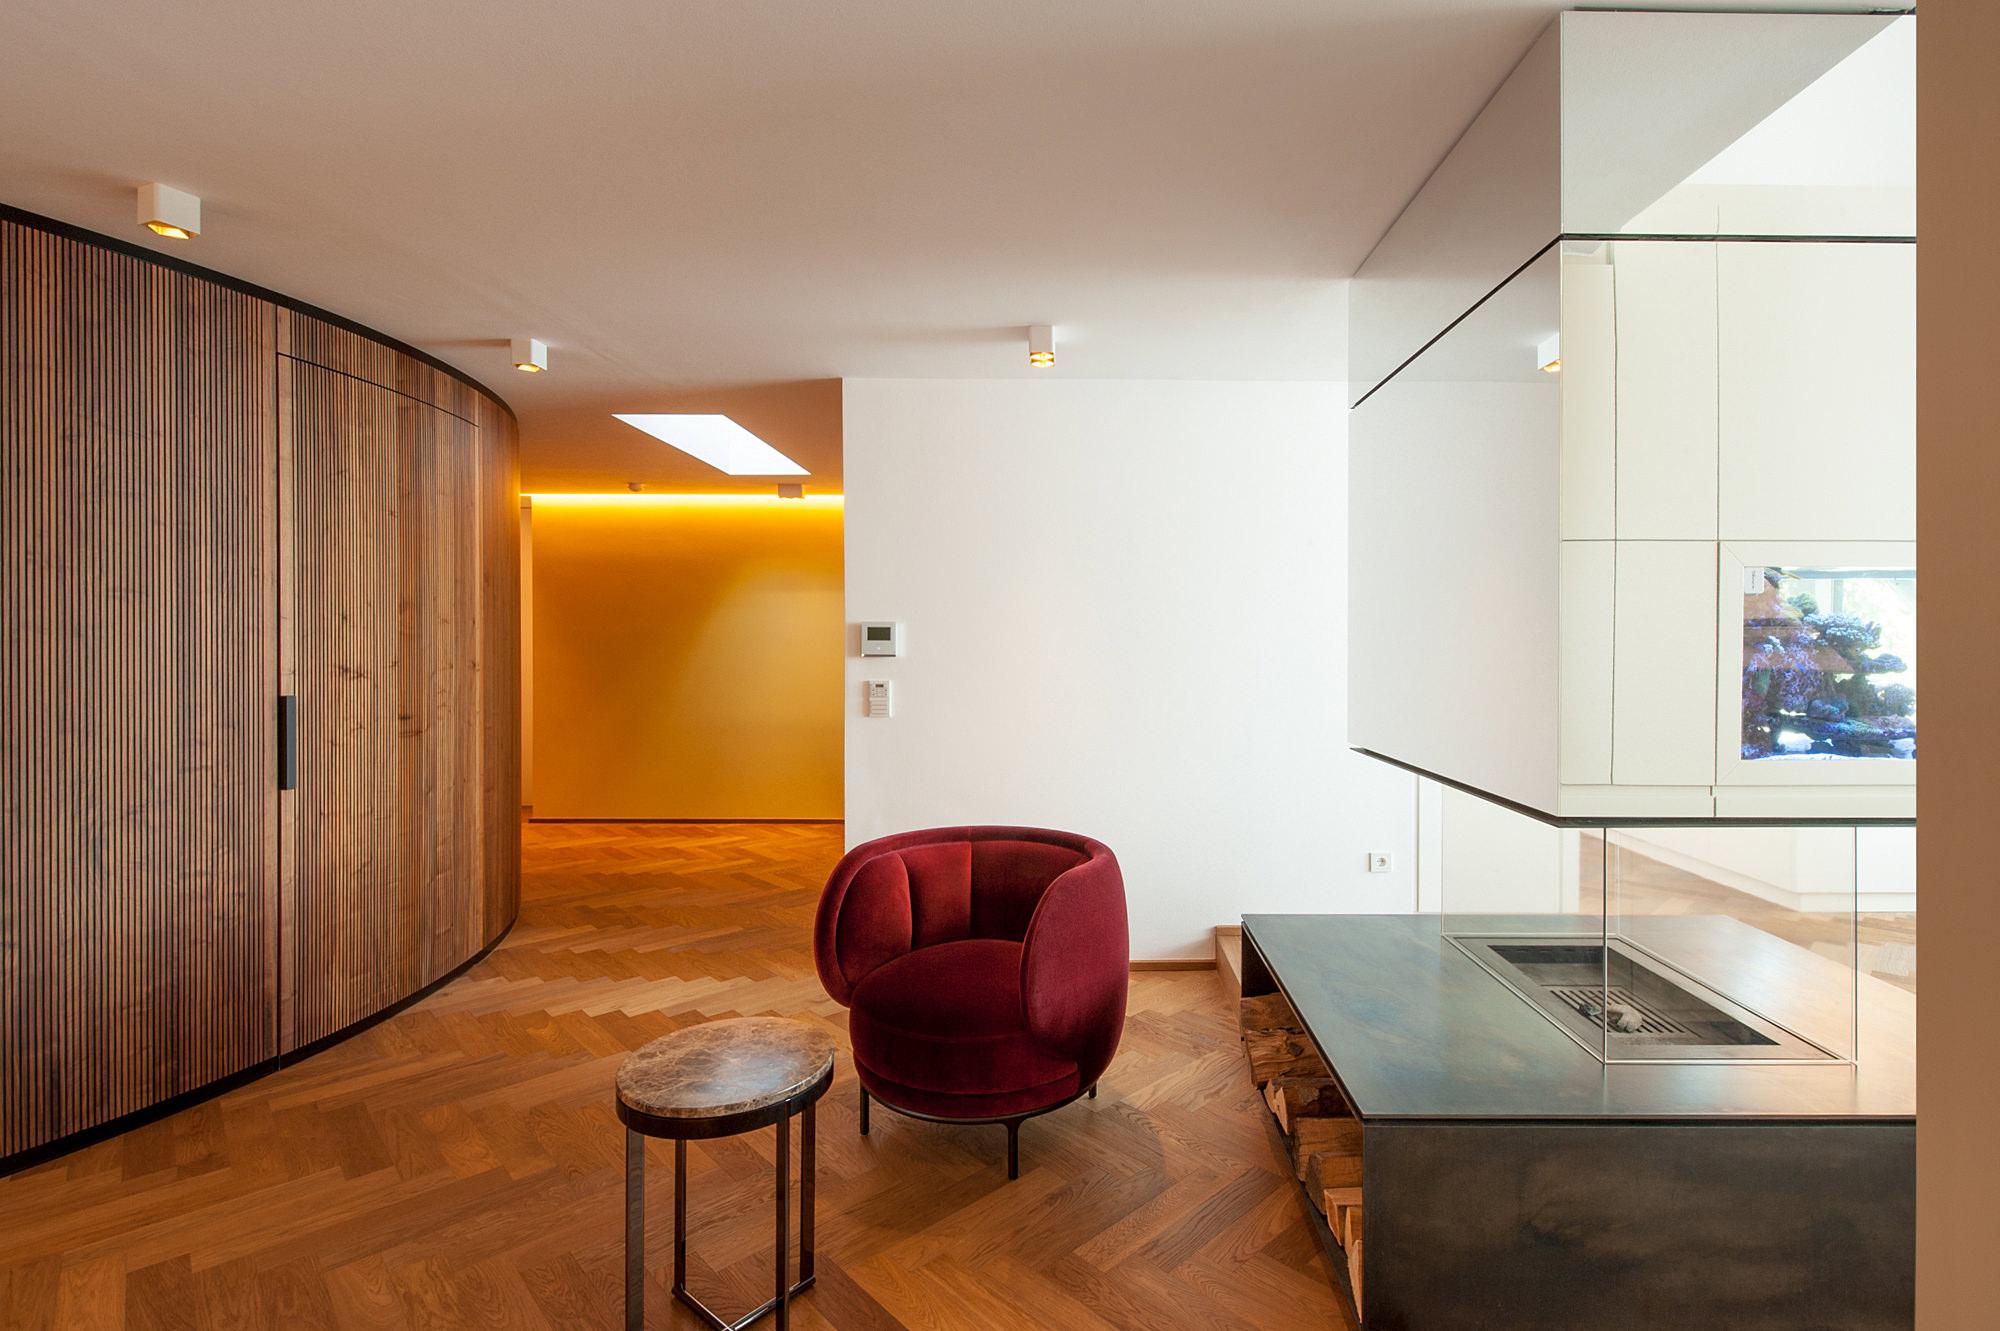 penthouse_b_02_dachausbau_mit_terrasse_1070_wien_junger_beer_architektur